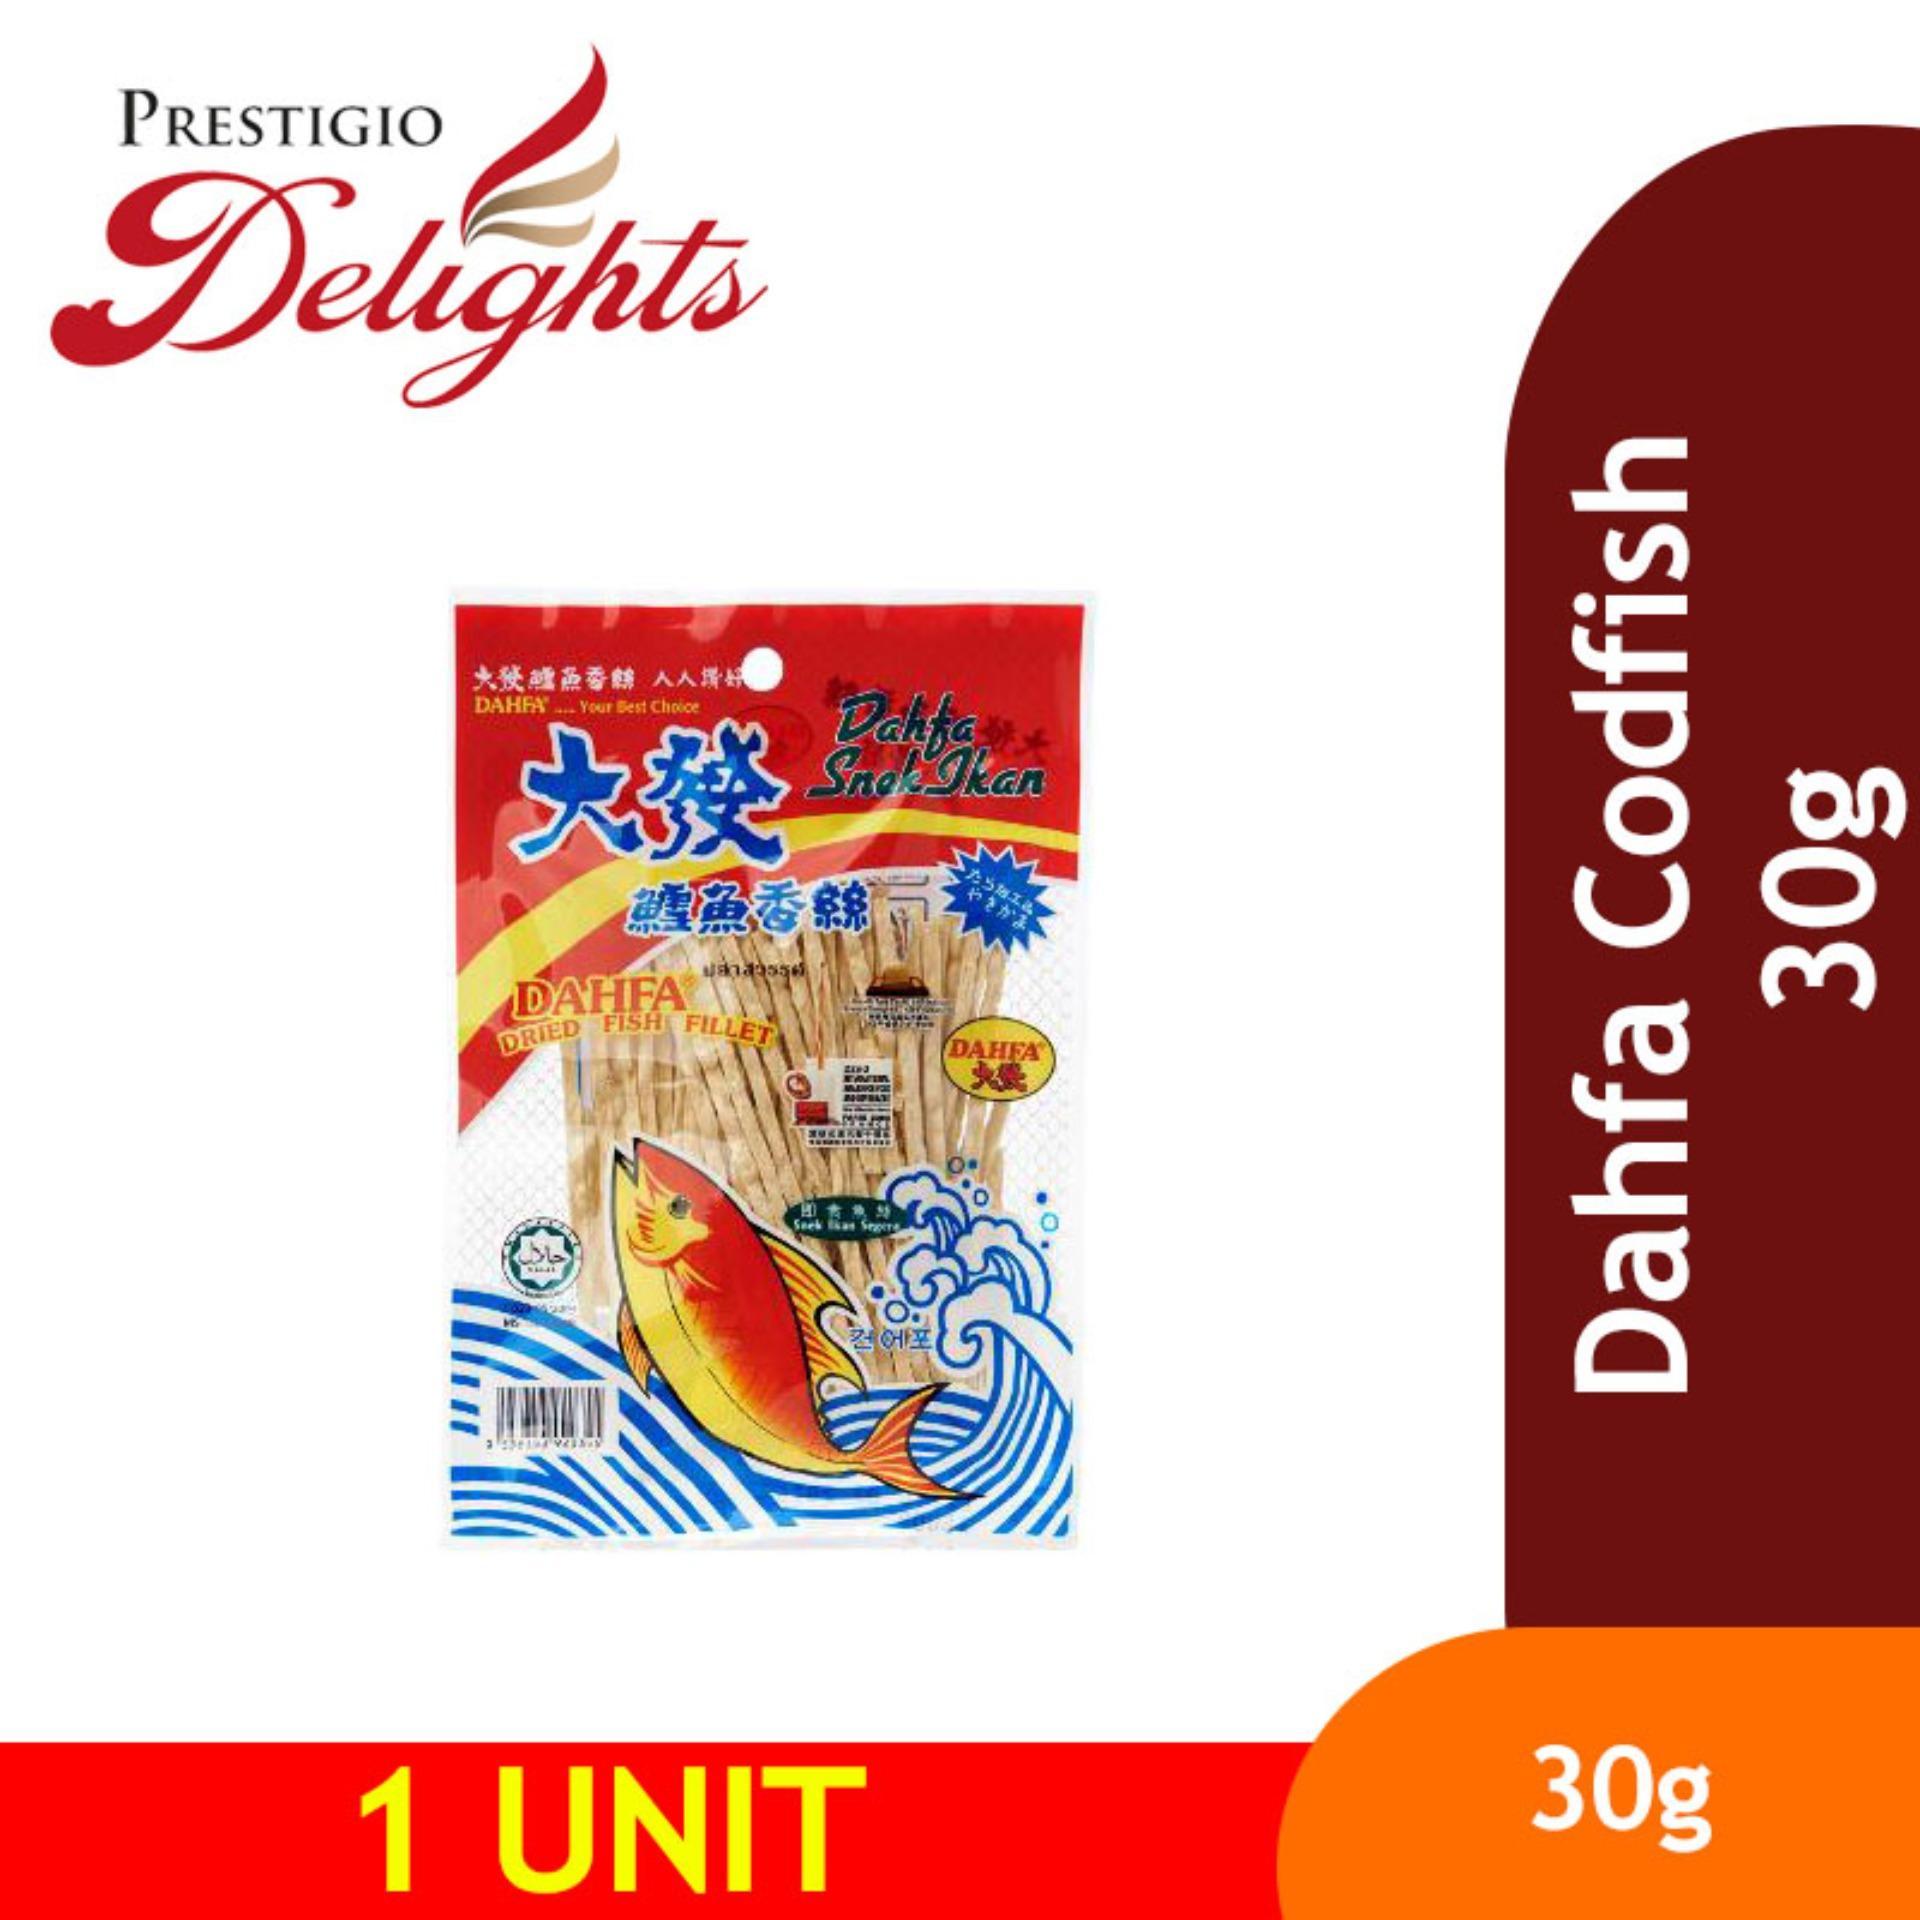 Dahfa Codfish 30g By Prestigio Delights.